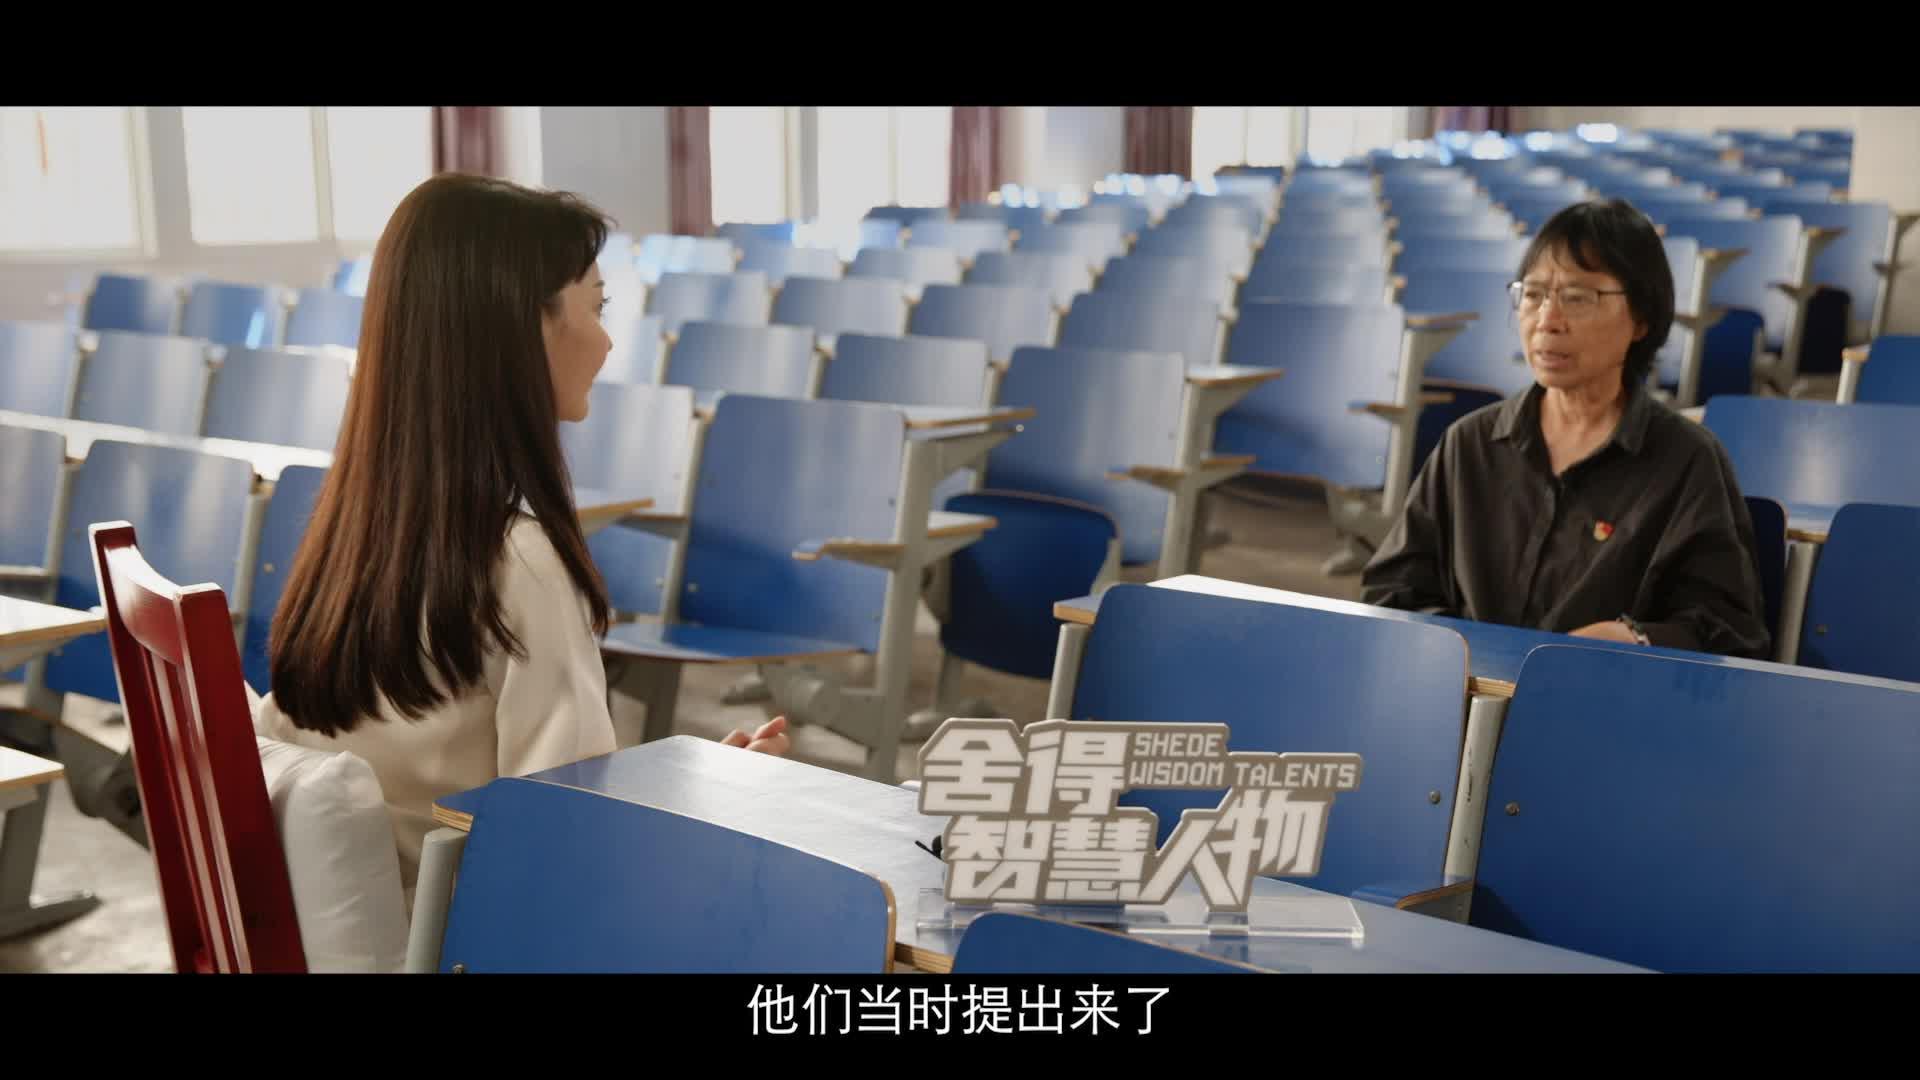 """拒绝成立""""桂梅班"""":万一出点问题,我没法向社会和承诺过的人交代"""